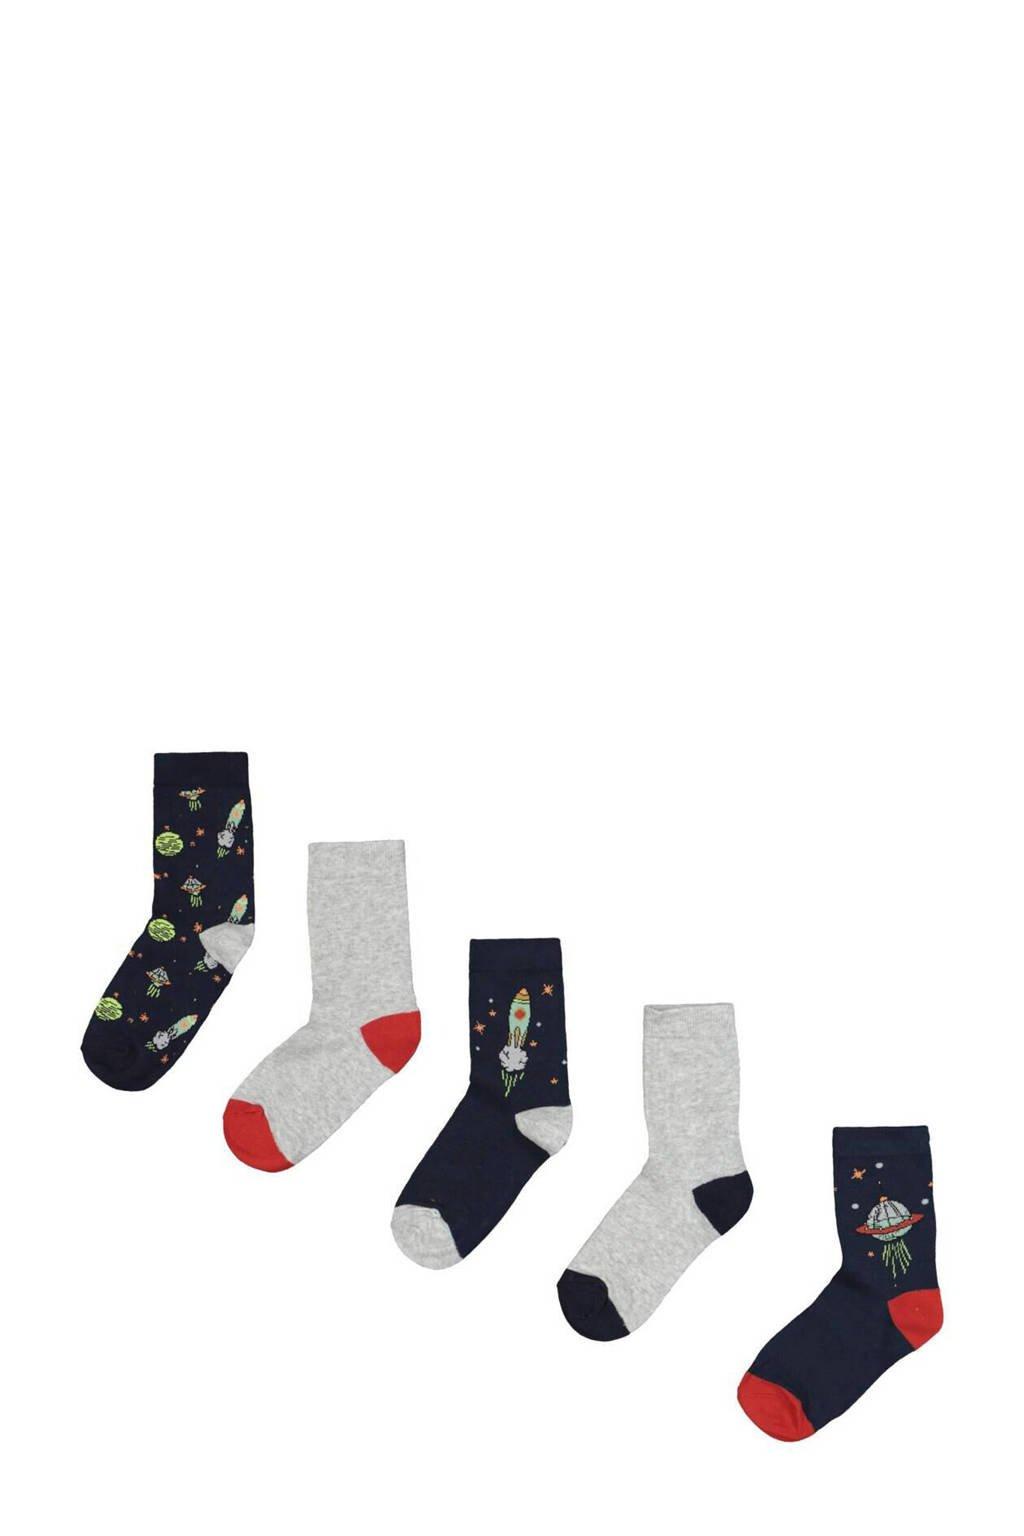 HEMA sokken - set van 5 donkerblauw/grijs, Donkerblauw/grijs